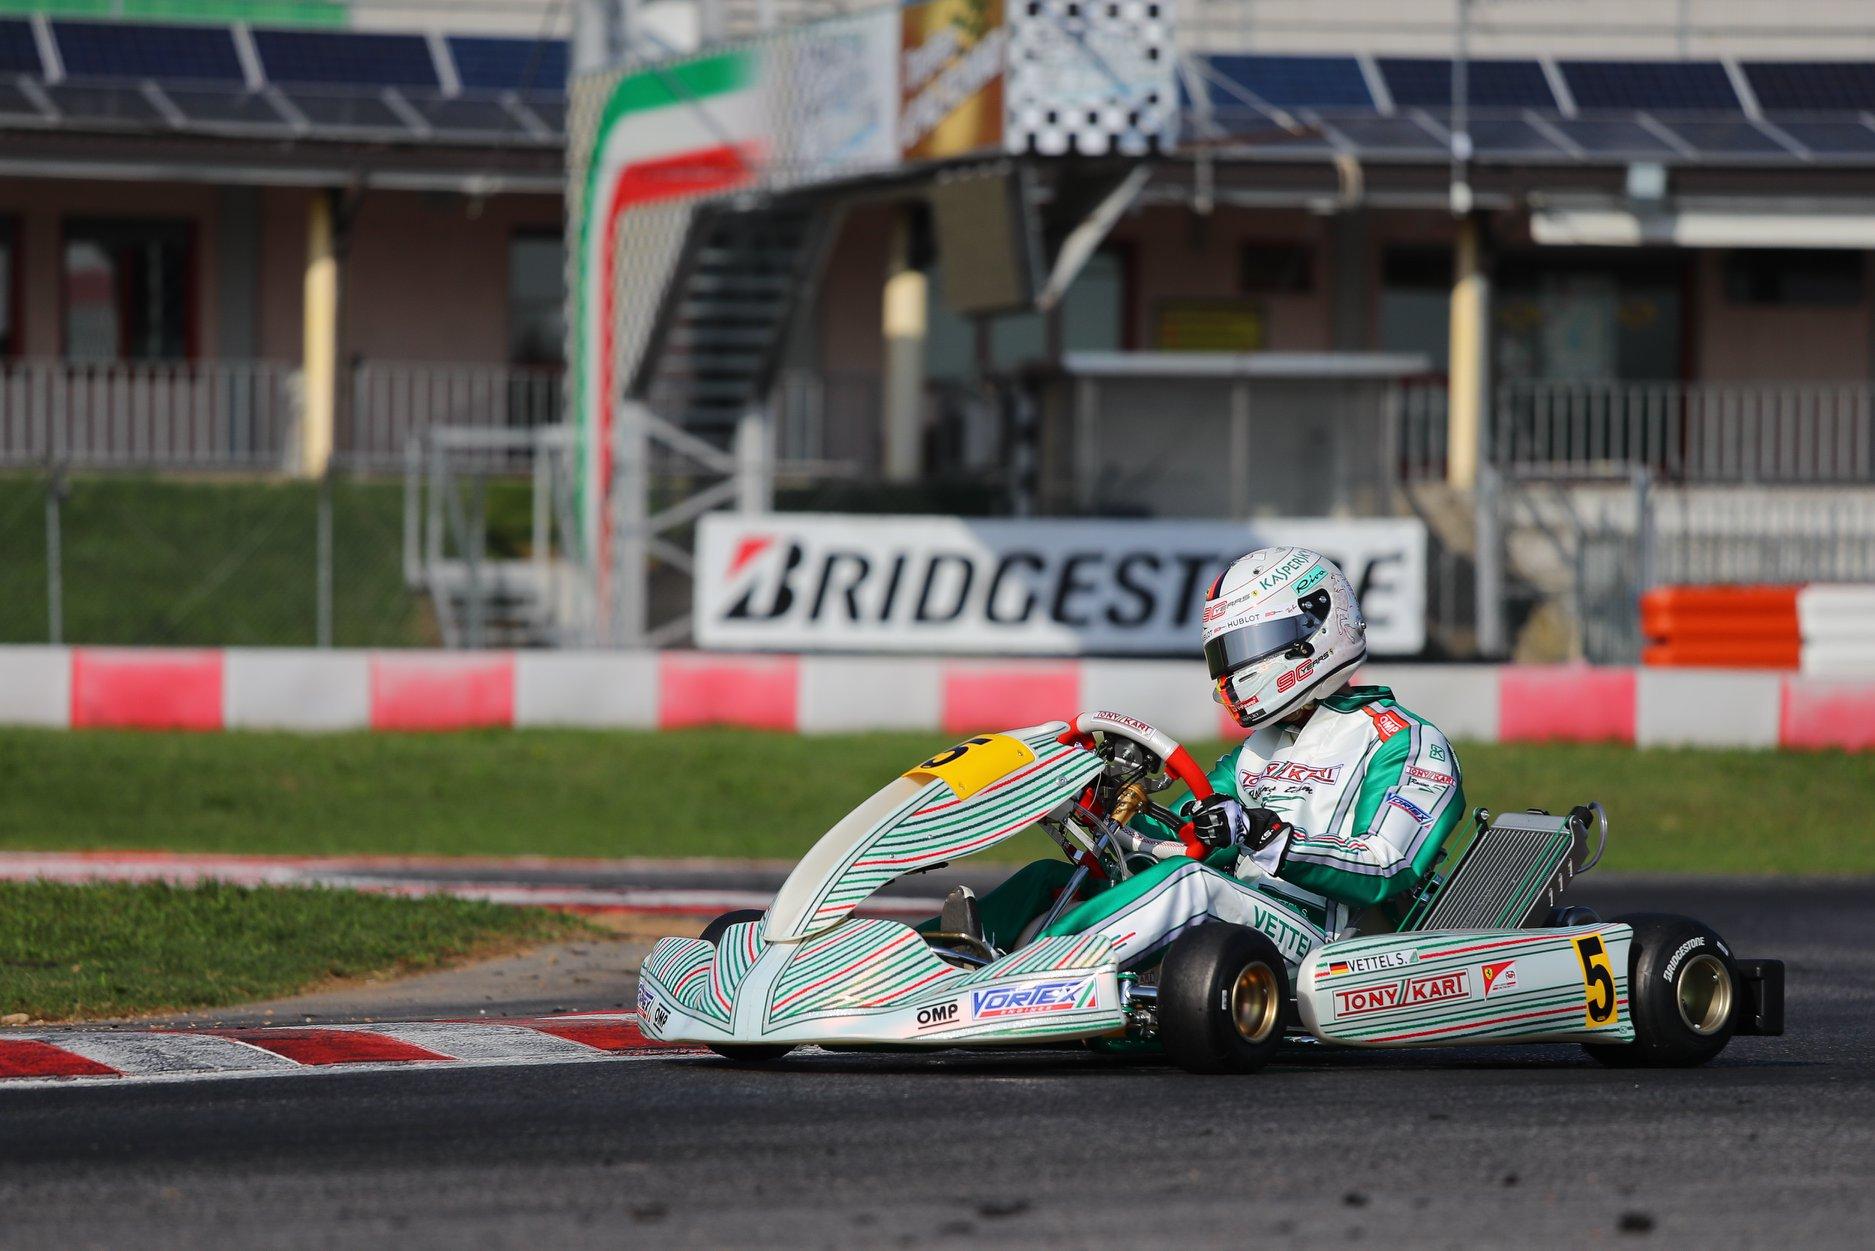 Sebastian_Vettel_testing_Tony_Kart_0020